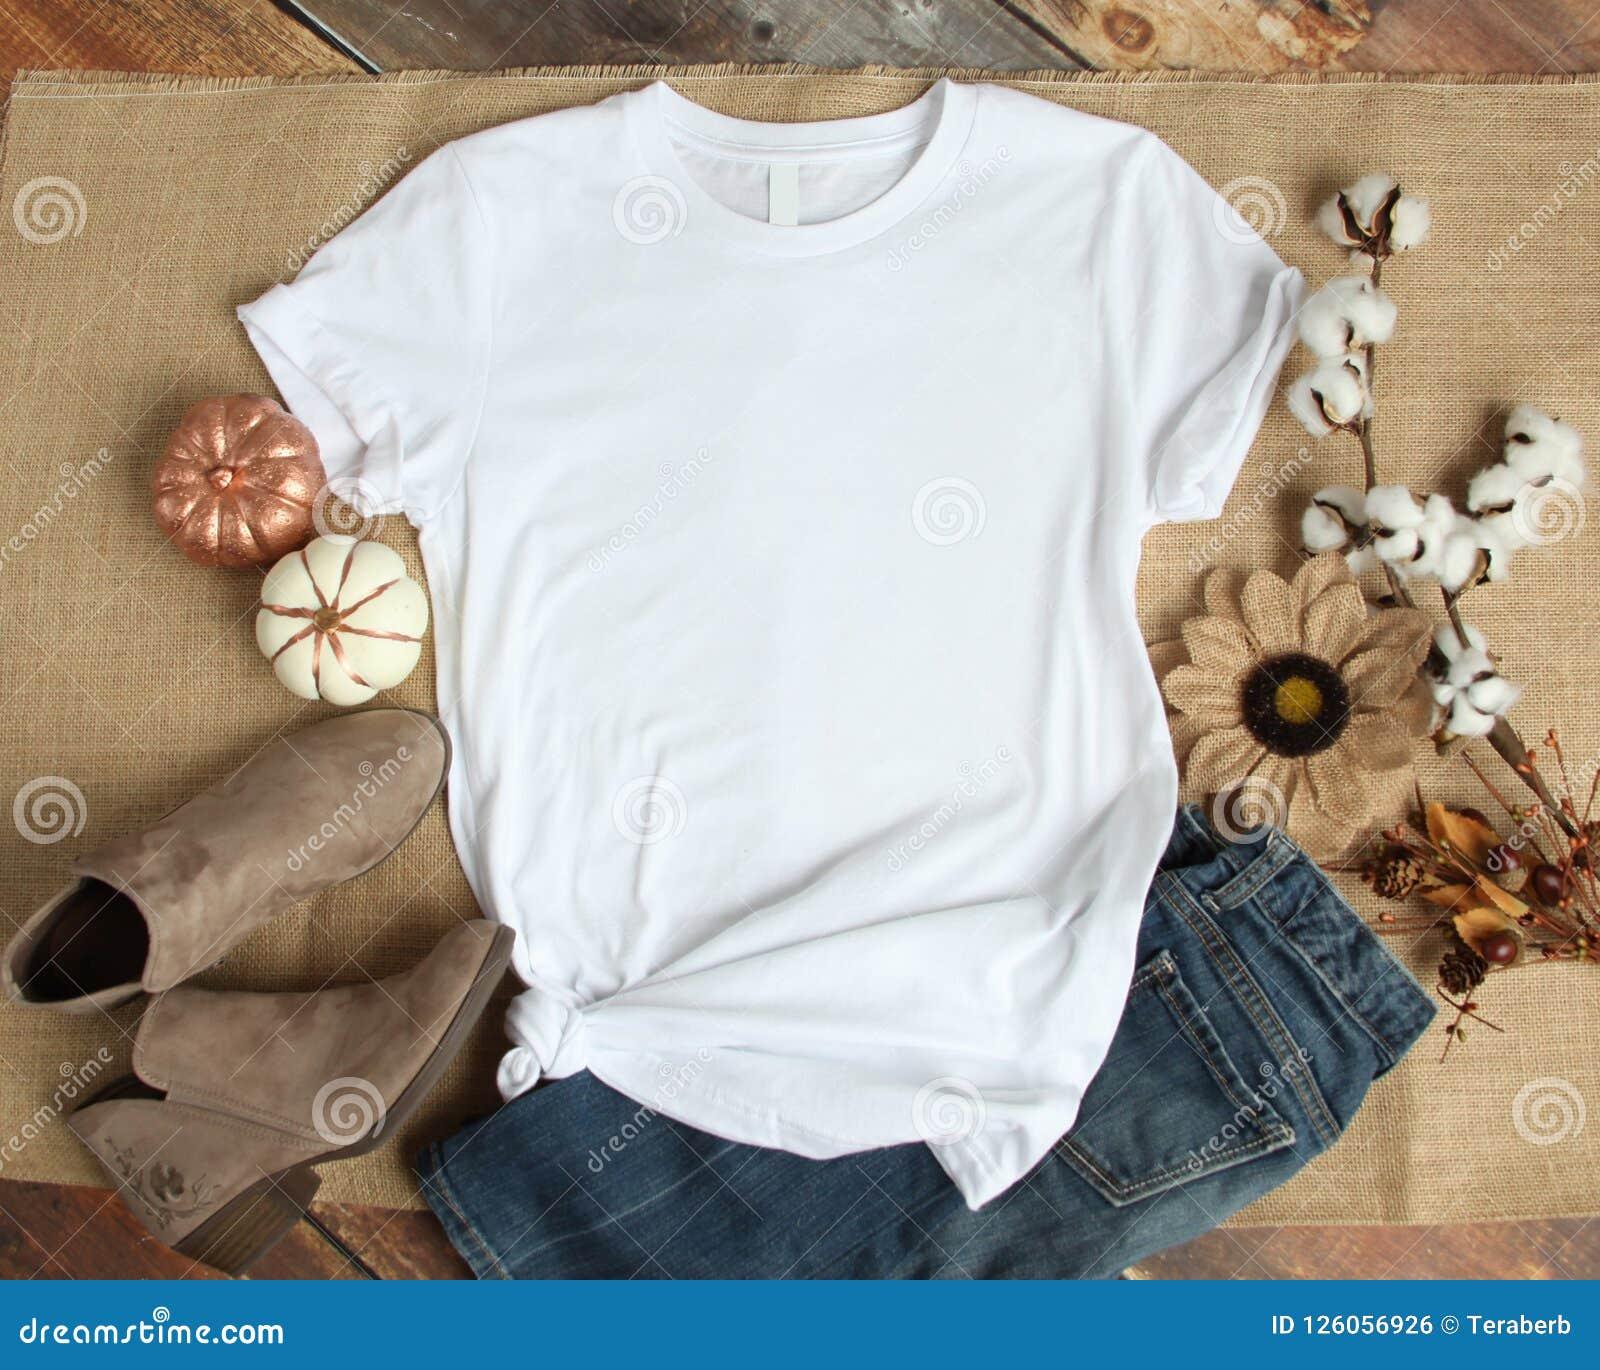 4a0bc561f Mockup Shirt Stock Images - Download 13,692 Royalty Free Photos